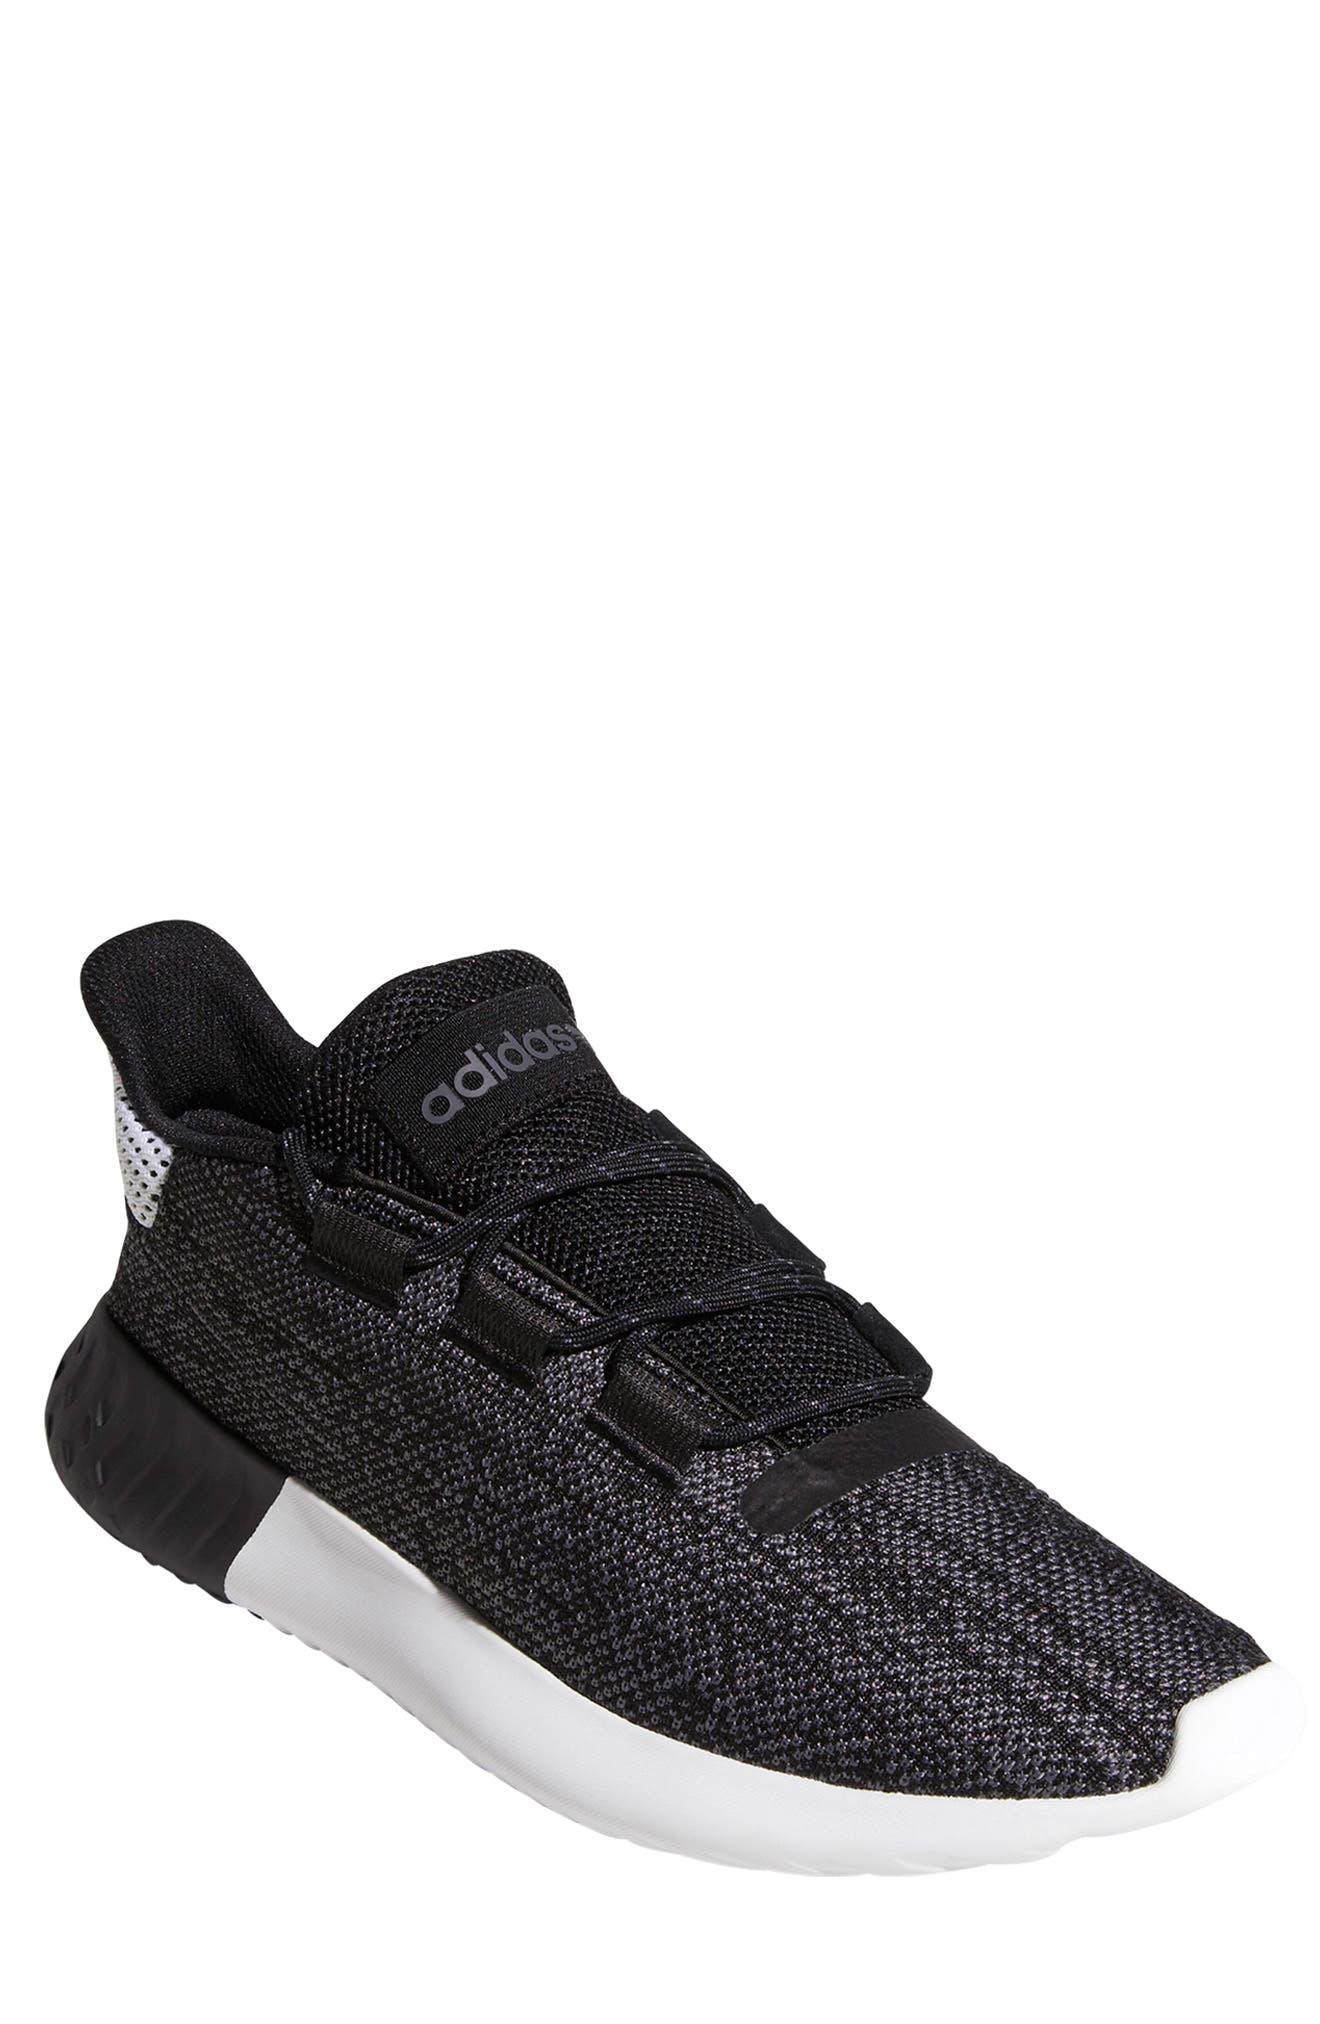 Tubular Dusk Primeknit Sneaker,                             Main thumbnail 1, color,                             WHITE/ BLACK/ GREY